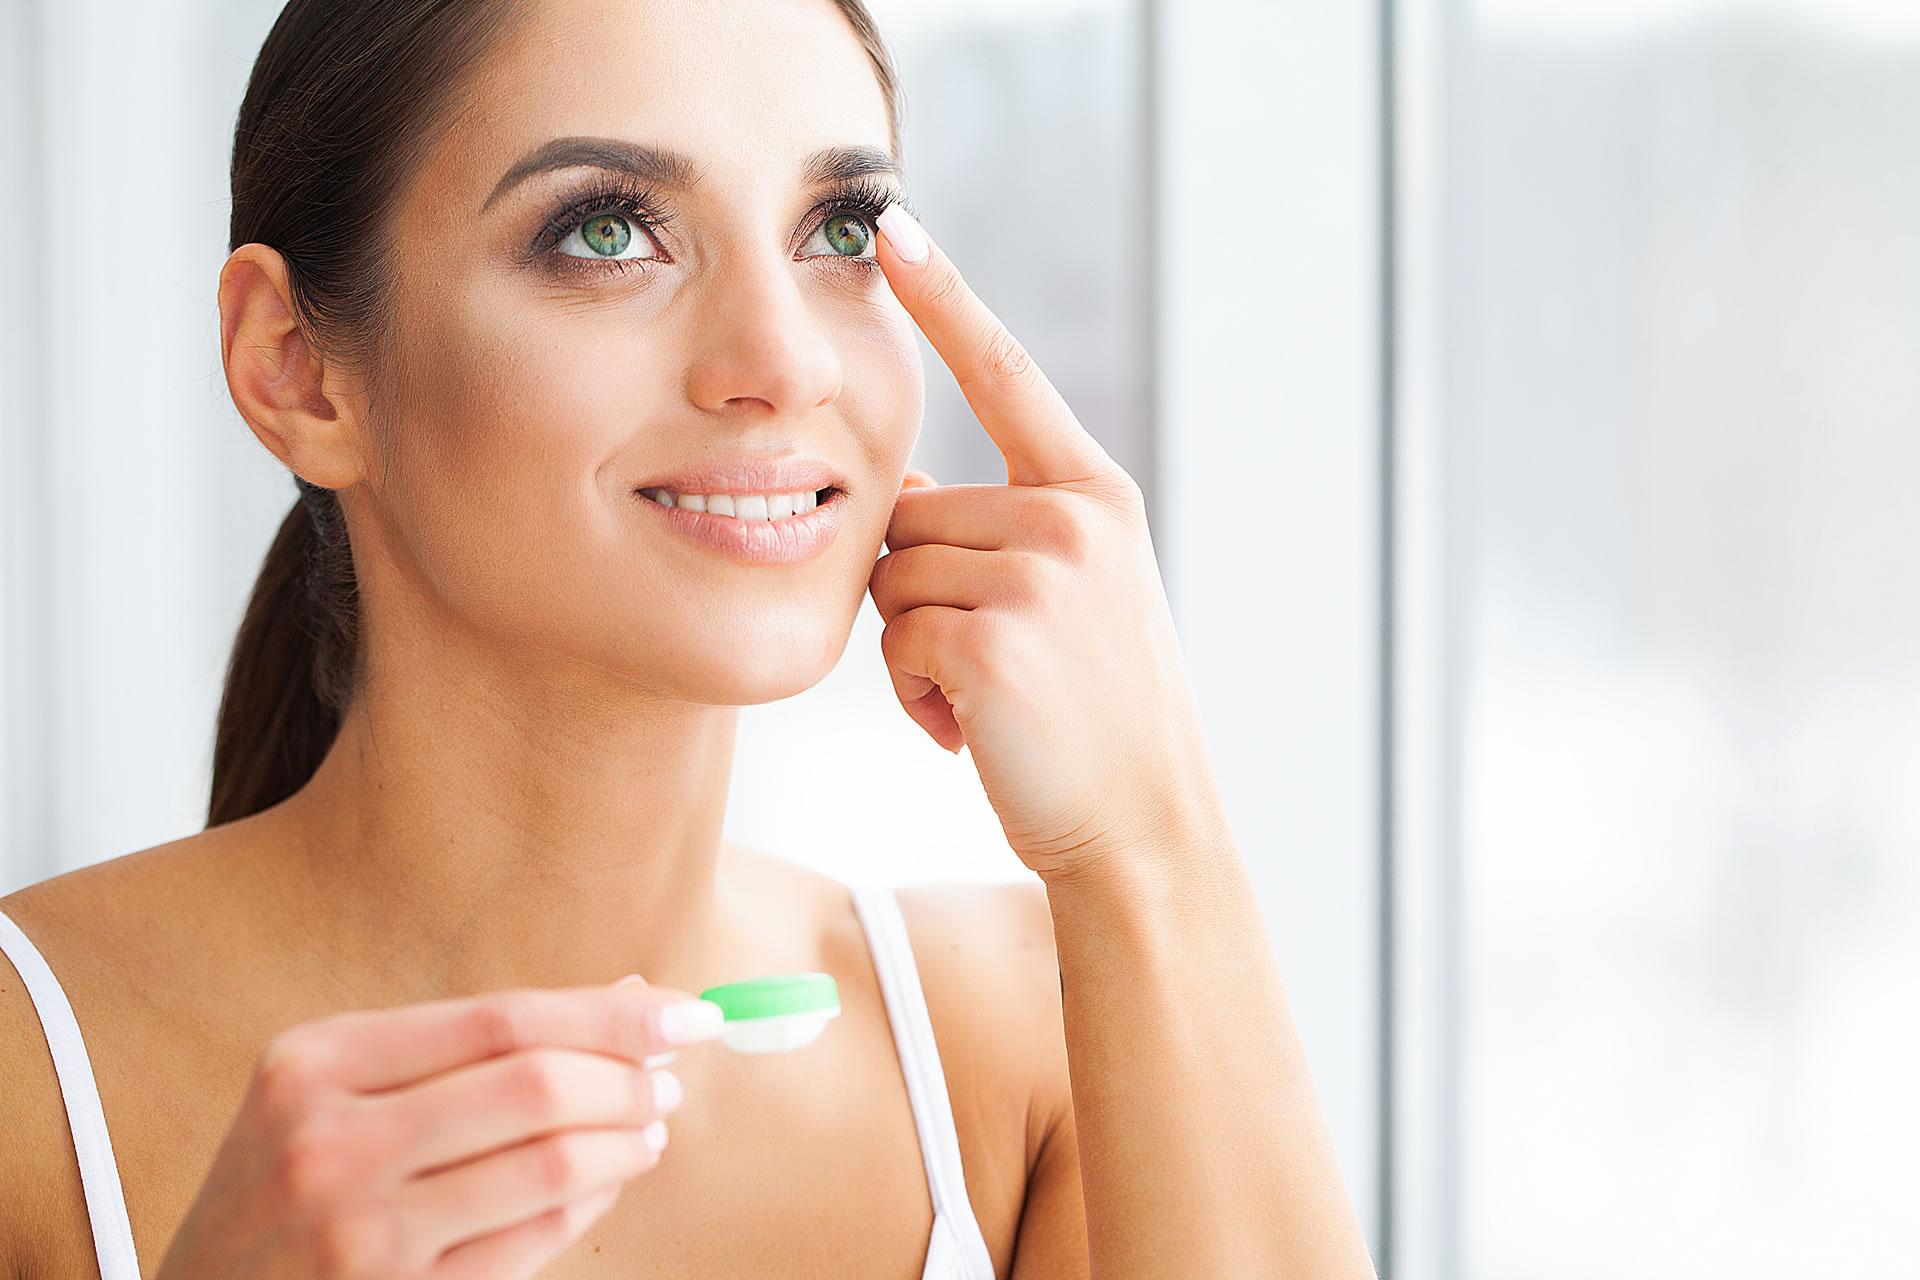 Óptica Herreros: Adaptación de lentes de contacto